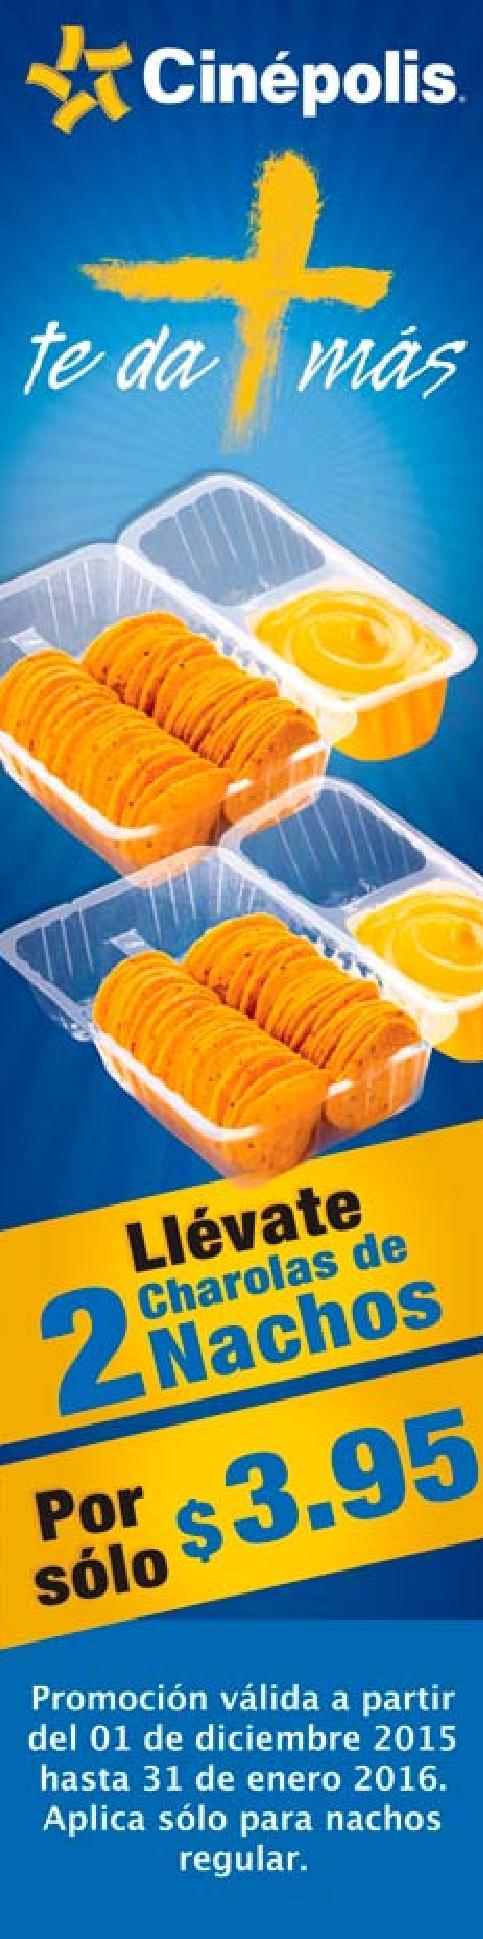 CINEPOLIS el salvador promocion de charolas de nachos al 2x1